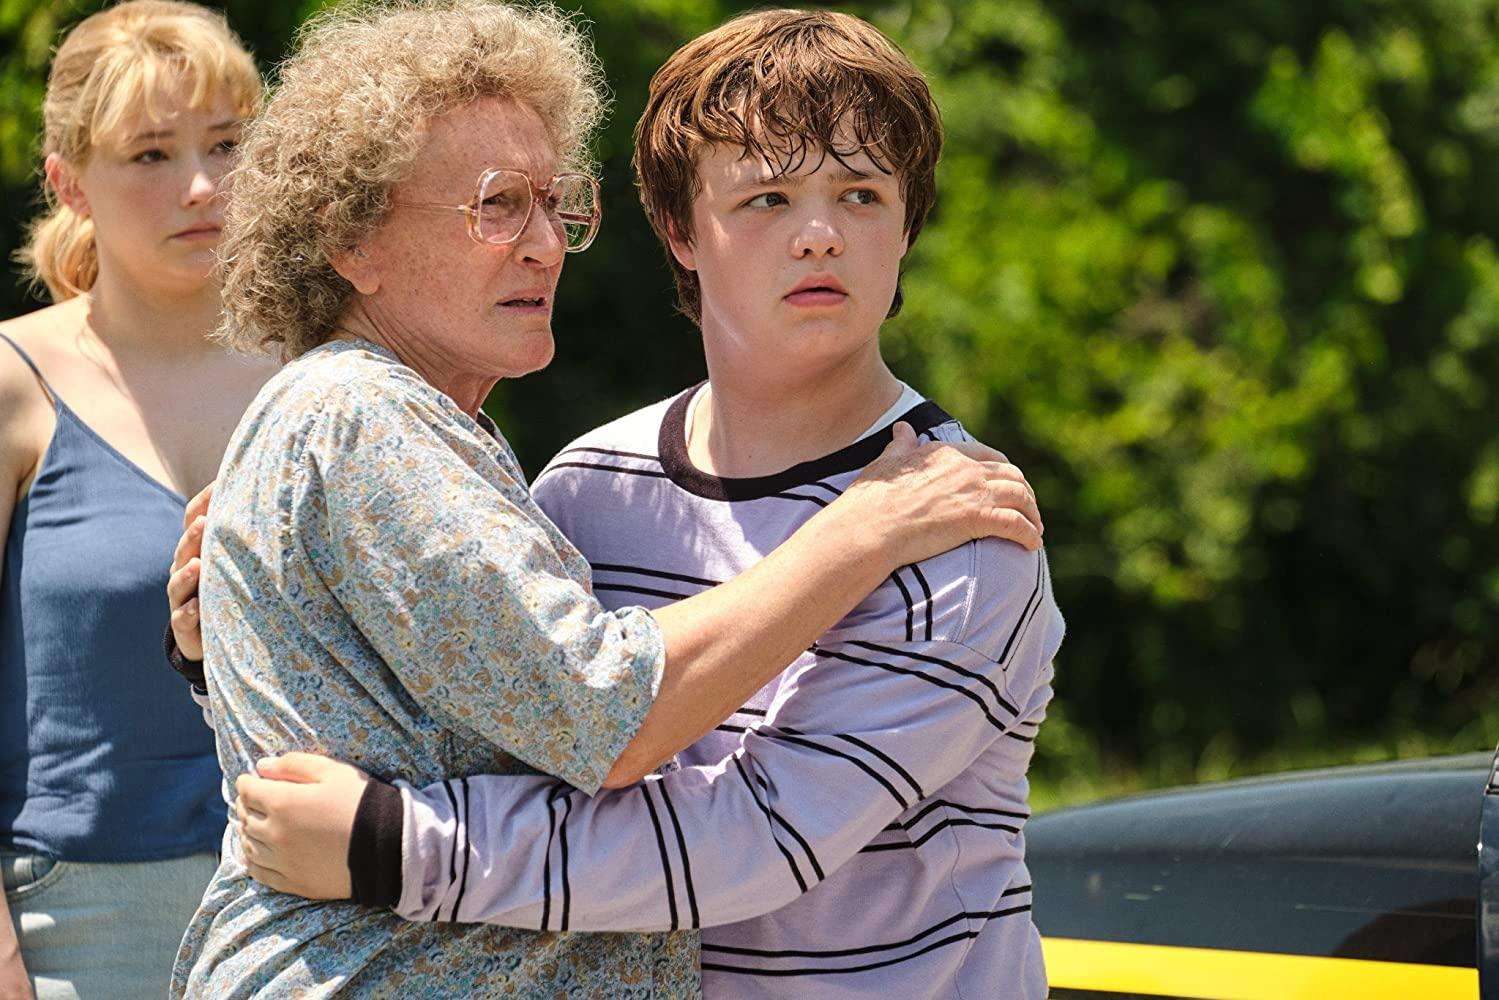 A imagem é uma cena do filme Era uma vez um sonho. Nela, estão os personagens Lindsay, Mamaw e J. D. À esquerda, está Mamaw, interpretada pela atriz Glenn Close. Ela é uma mulher branca, de cabelos grisalhos e cacheados; ela usa um óculos e está com uma camiseta larga com estampa nas cores azul e bege, e com os braços nos ombros de J. D. Vance. À direita, com os braços em volta de Mamaw, está J. D., em sua fase adolescente, interpretado pelo ator-mirim Owen Asztalos. Owen é um menino branco, de cabelos castanhos claros; ele veste uma blusa branca de mangas-compridas com listras pretas. No canto esquerdo, atrás de Mamaw, está Lindsay, interpretada pela atriz Haley Bennett. Ela é uma mulher branca, com cabelos loiros amarrados em um coque baixo; ela veste uma regata azul e uma calça jeans.